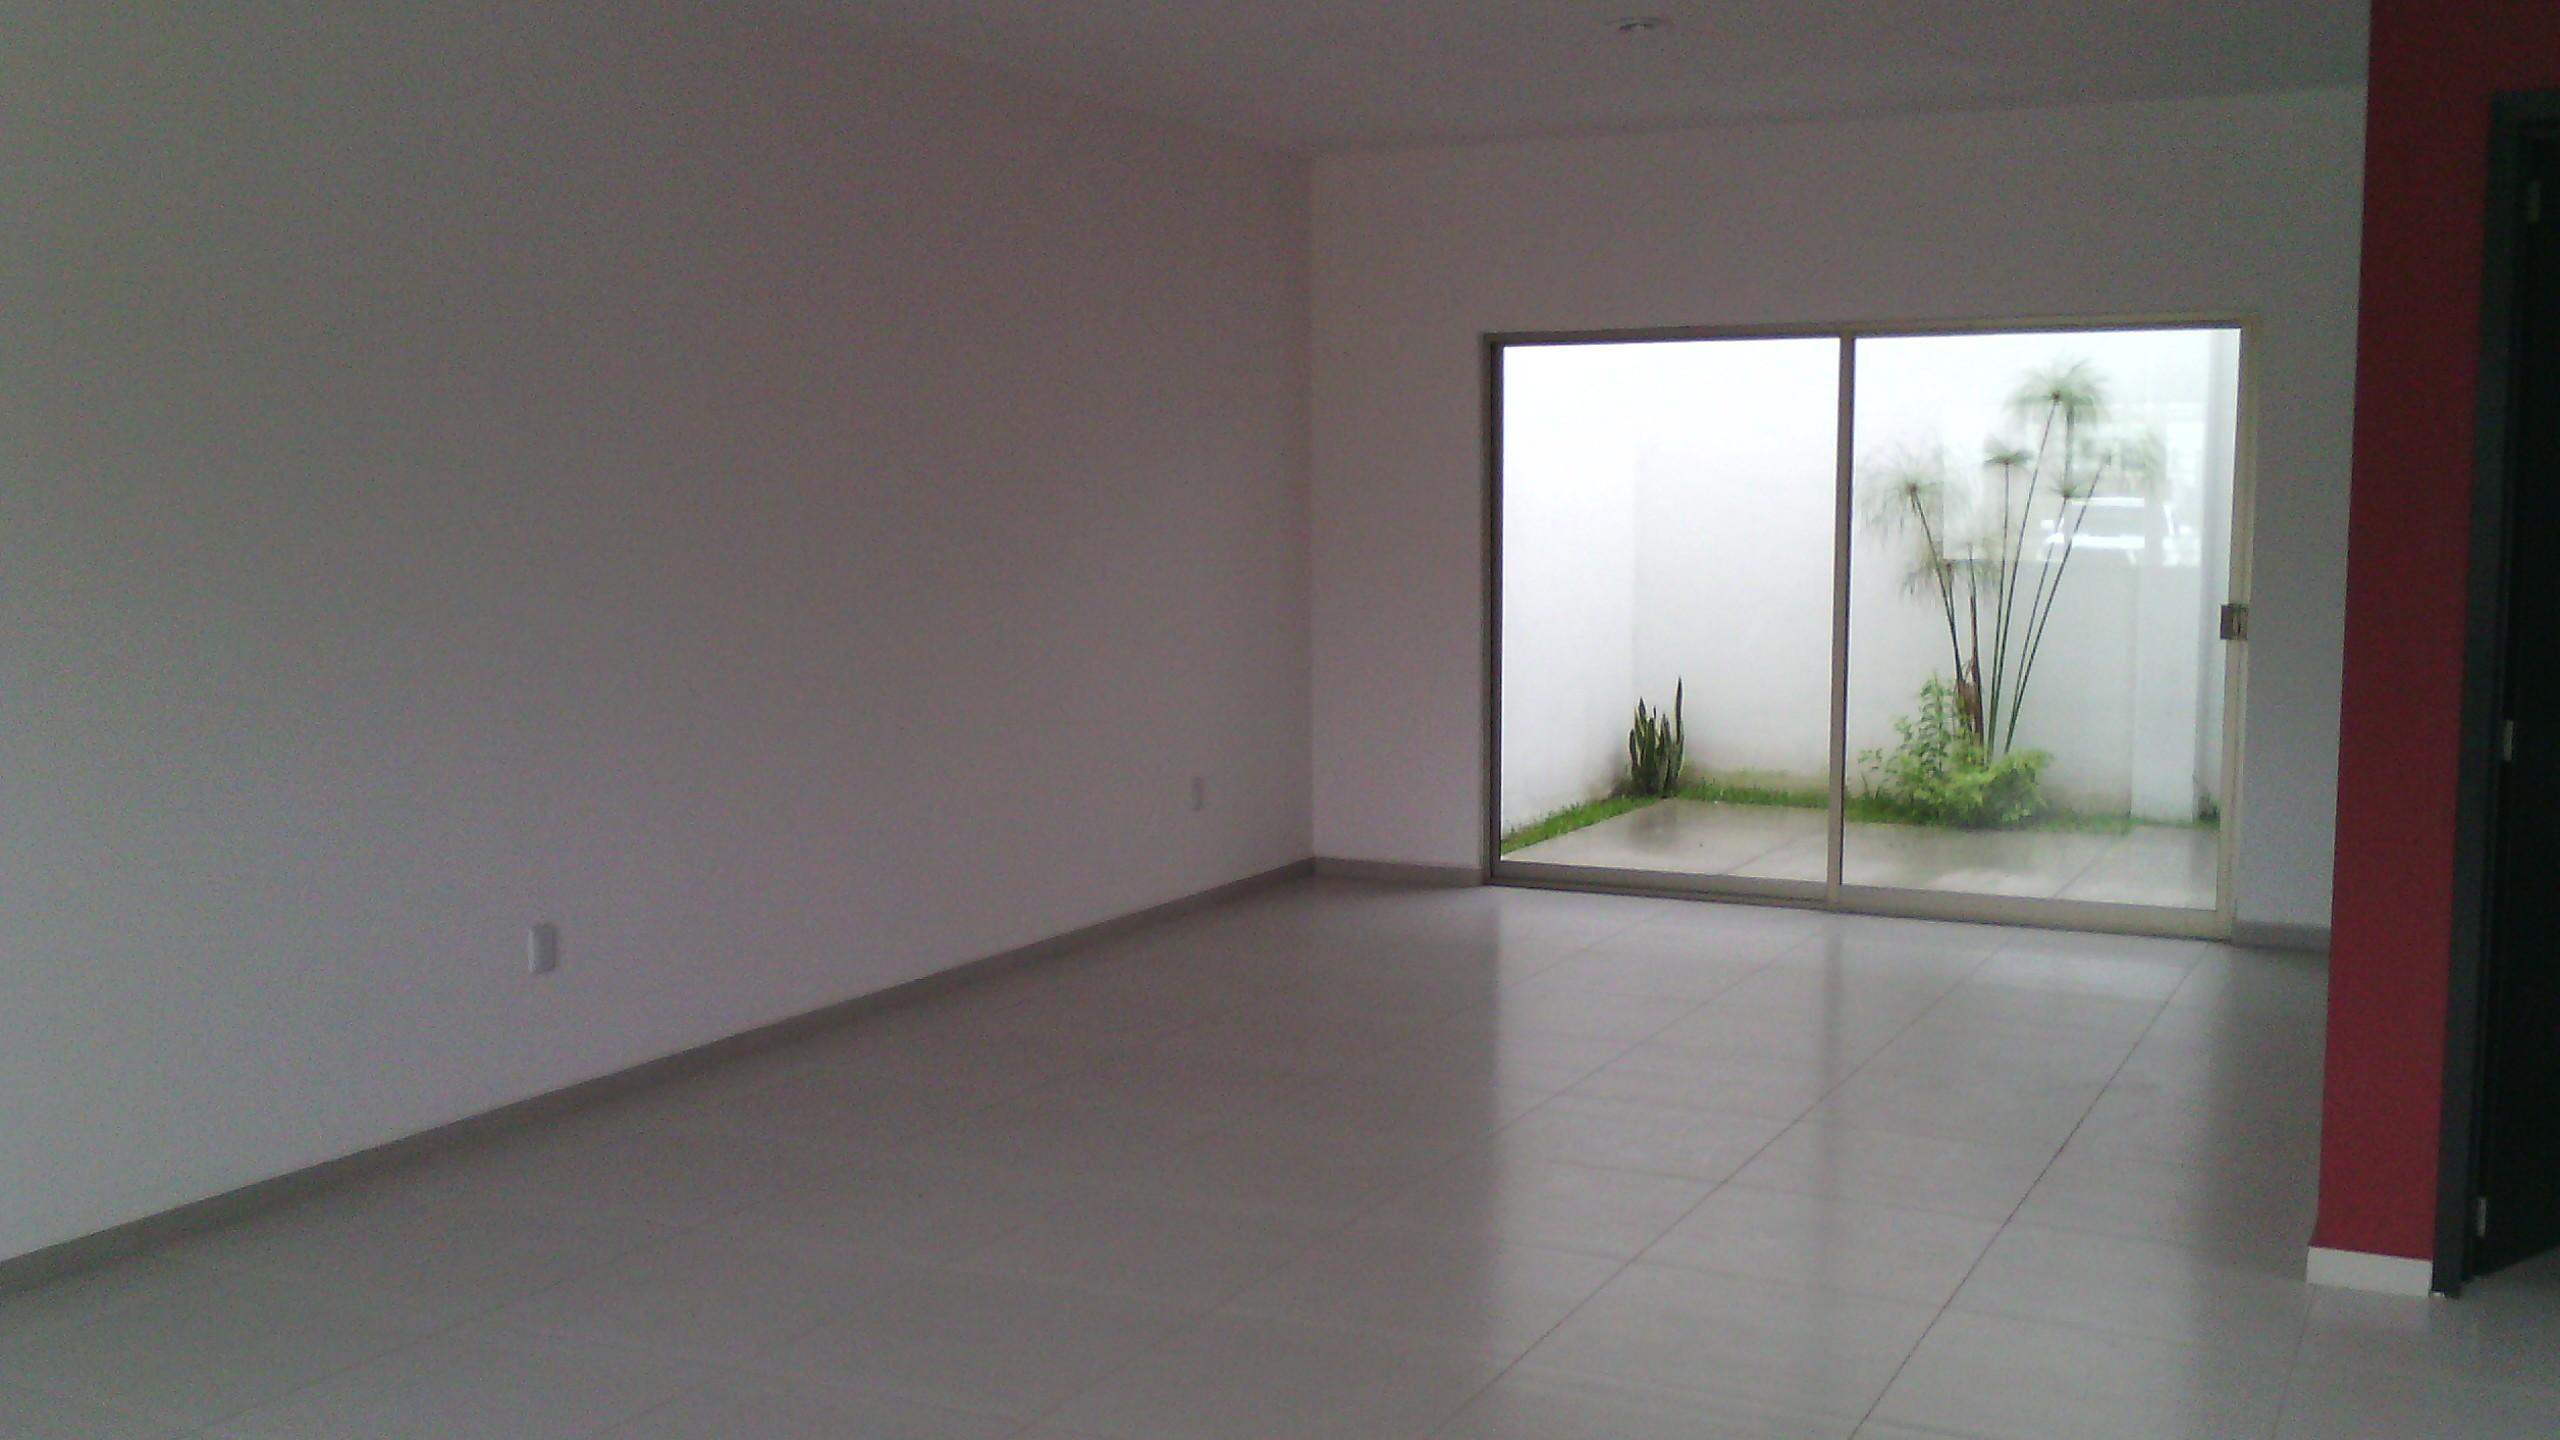 Casa En Venta En Parque Ecologico Tepic 21565 Hab Tala